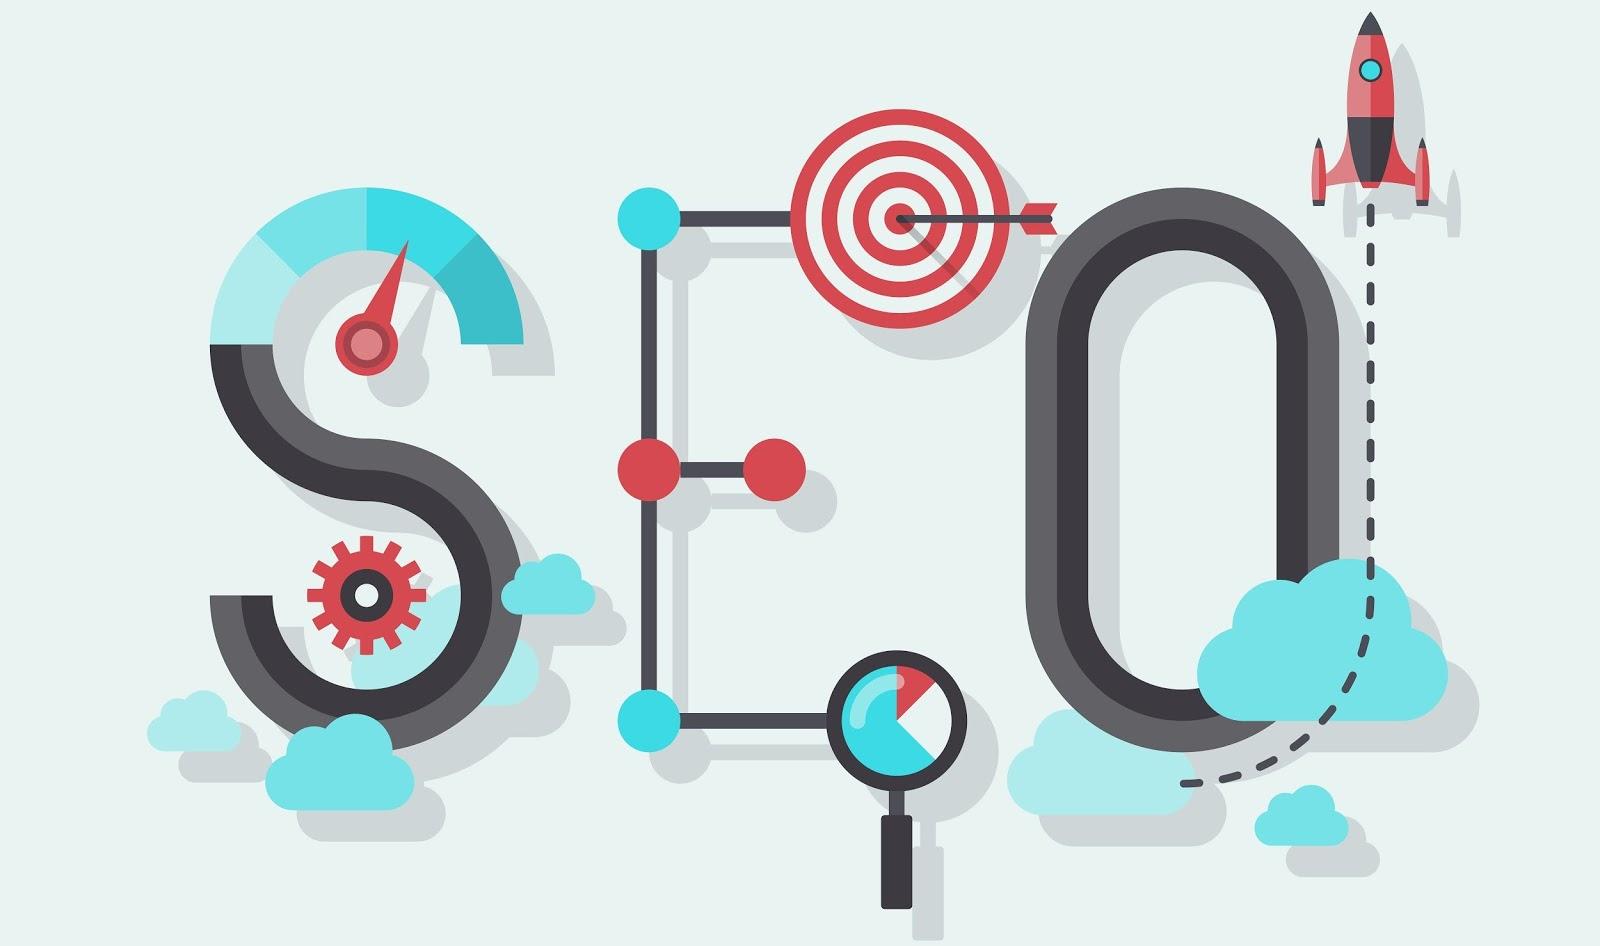 Dịch vụ SEO tại SEO Thông Minh được nhiều khách hàng tin tưởng